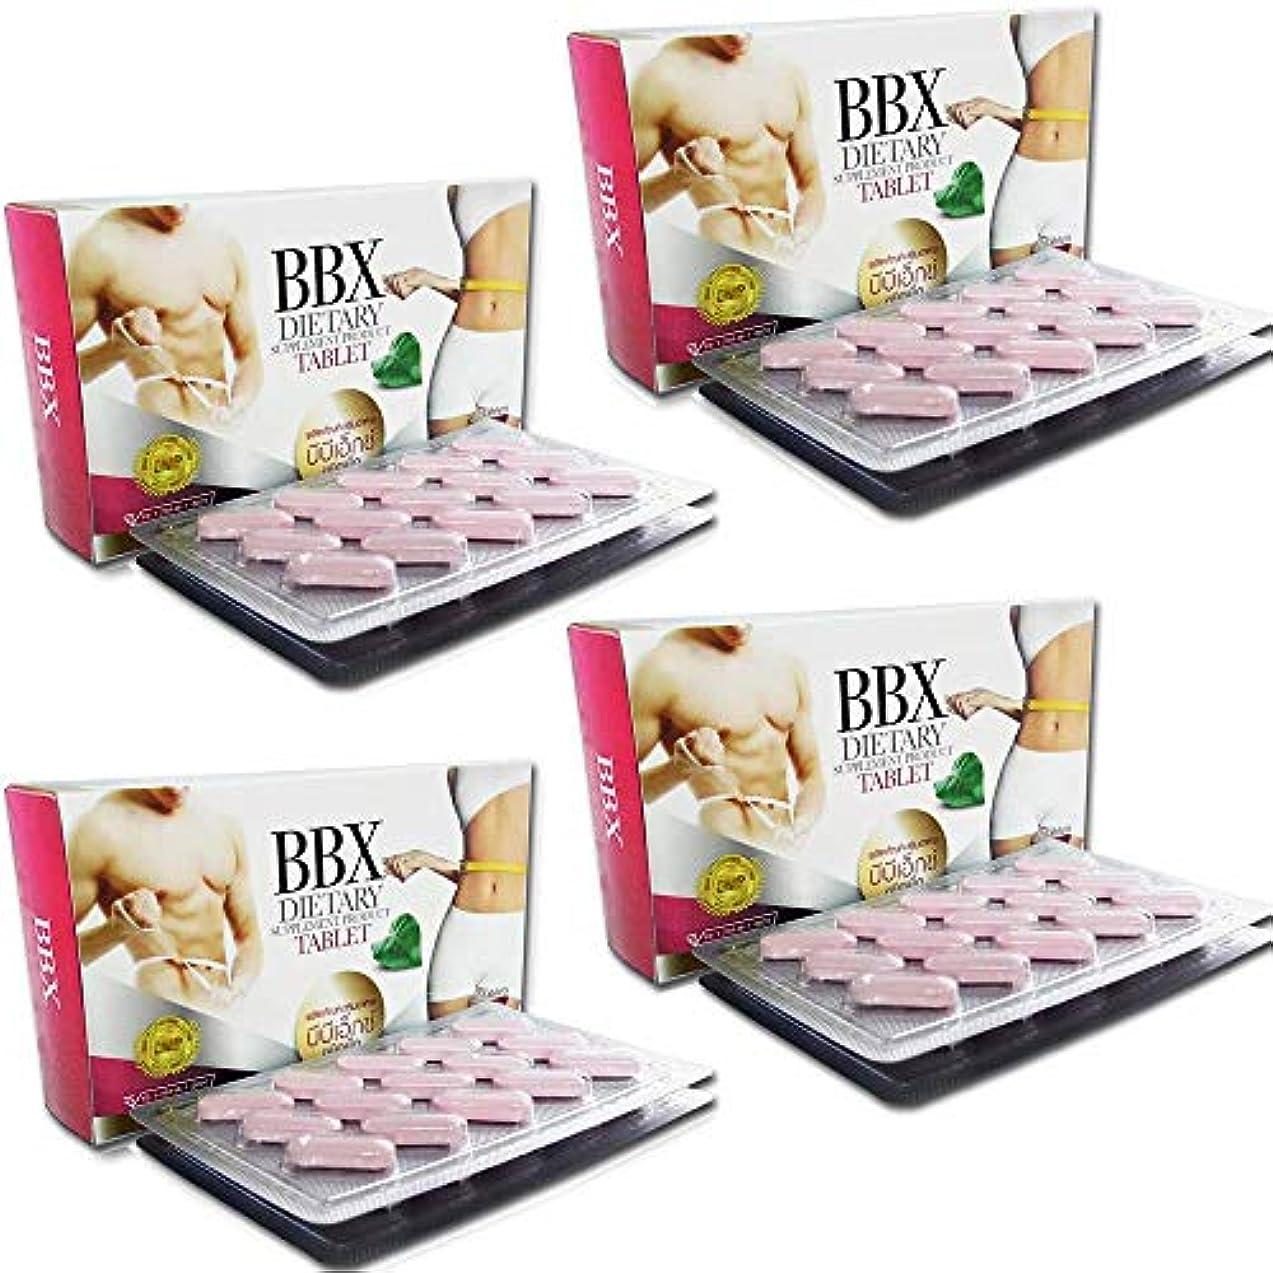 故障中文字通り簡単にクリニックや医師が推奨するダイエットサプリBBX 公式パンフレット&説明書付き 4箱合計120錠